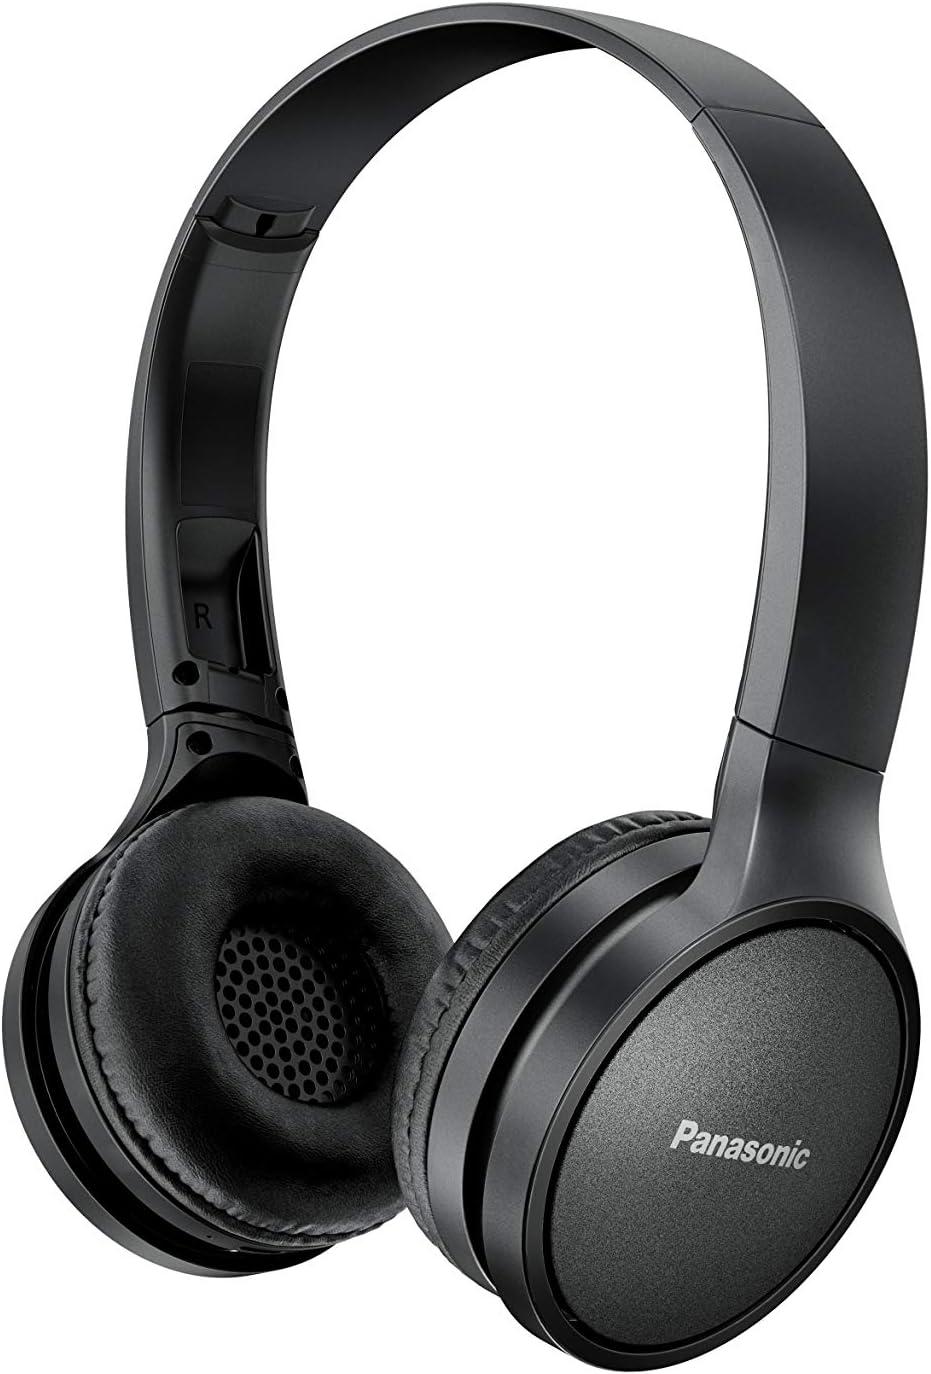 Panasonic RP-HF410BE-K -Auriculares Inalámbricos Minimalistas (Bluetooth, Unidad Control 30 mm, Imán de Neodimio, Plegable, 20h Duración, Control Voz, Carga Rápida), Color Negro: BLOCK: Amazon.es: Electrónica